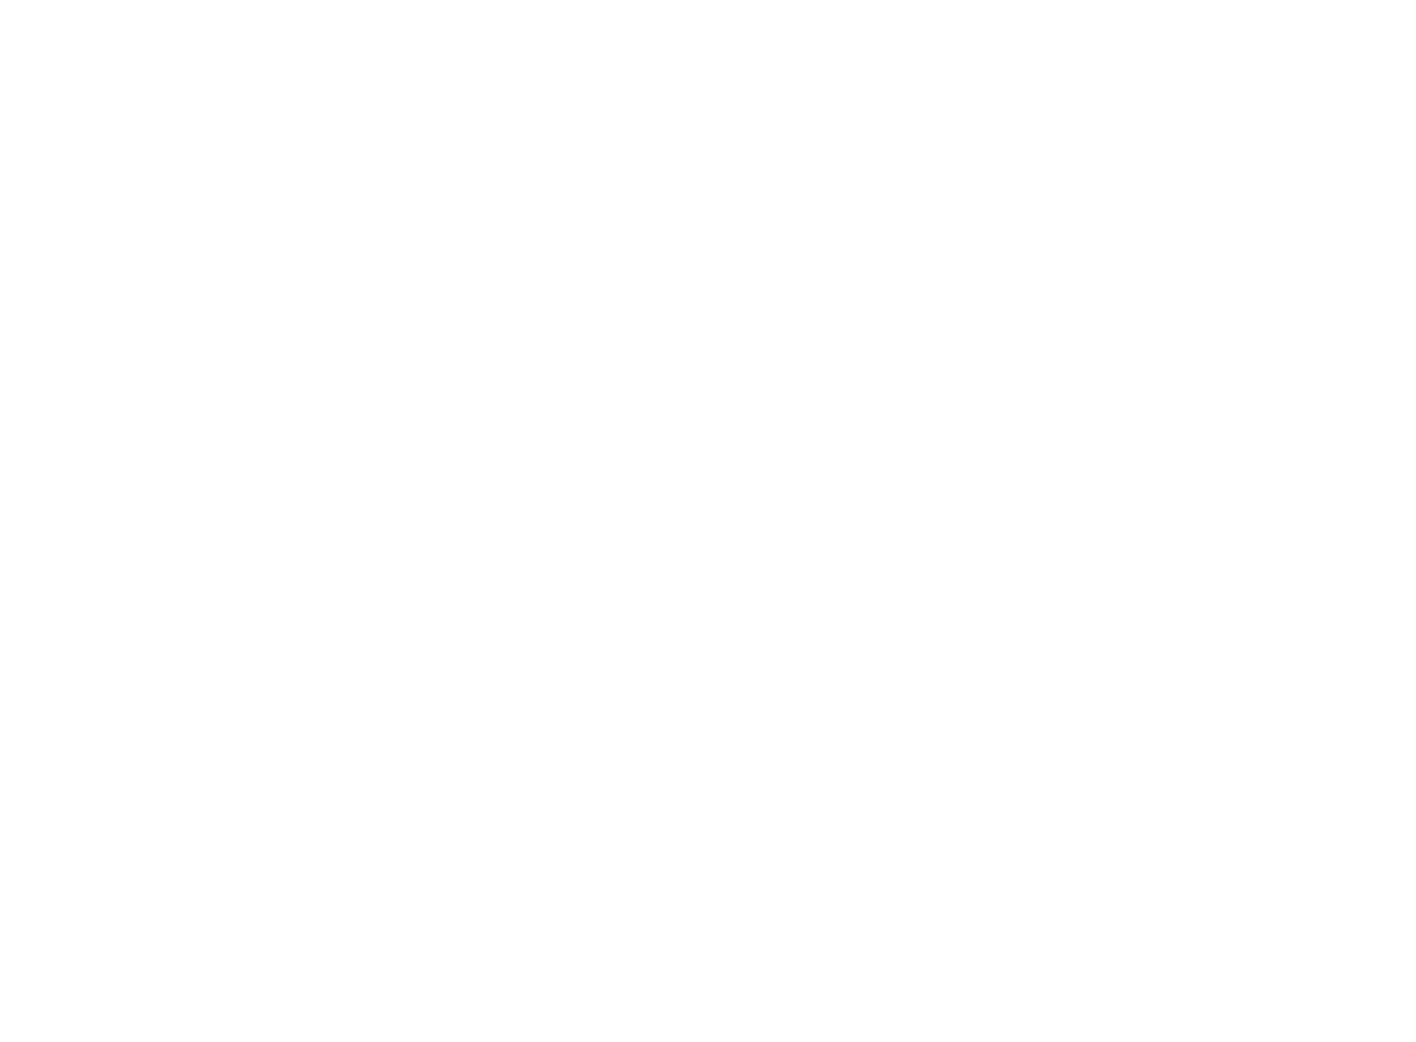 olympiarestaurantnt.com